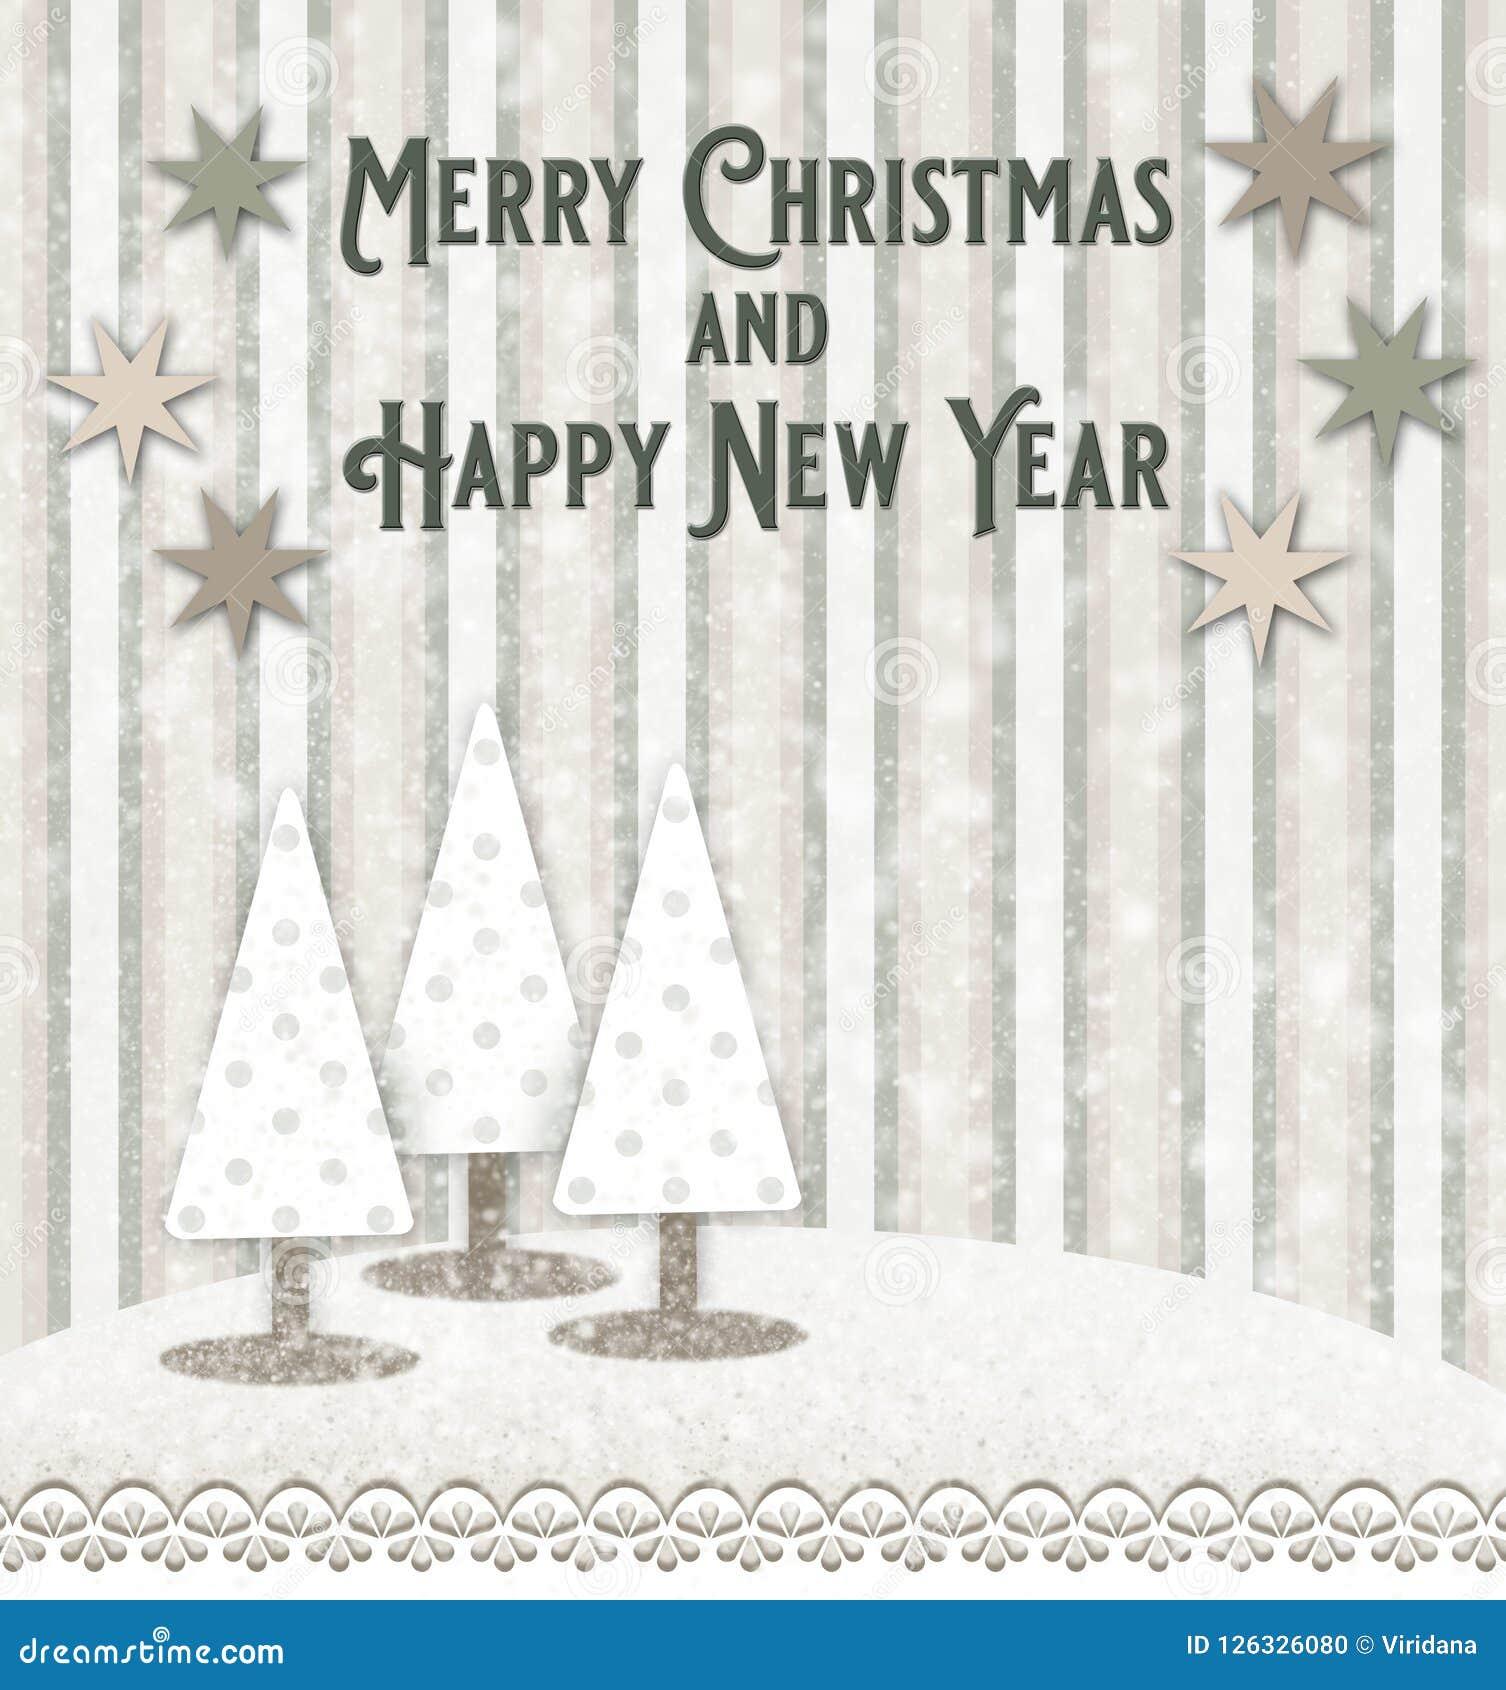 Weihnachts- und des neuen Jahresgrußkarte mit Baum Weihnachtsbäumen in einer schneebedeckten Landschaft